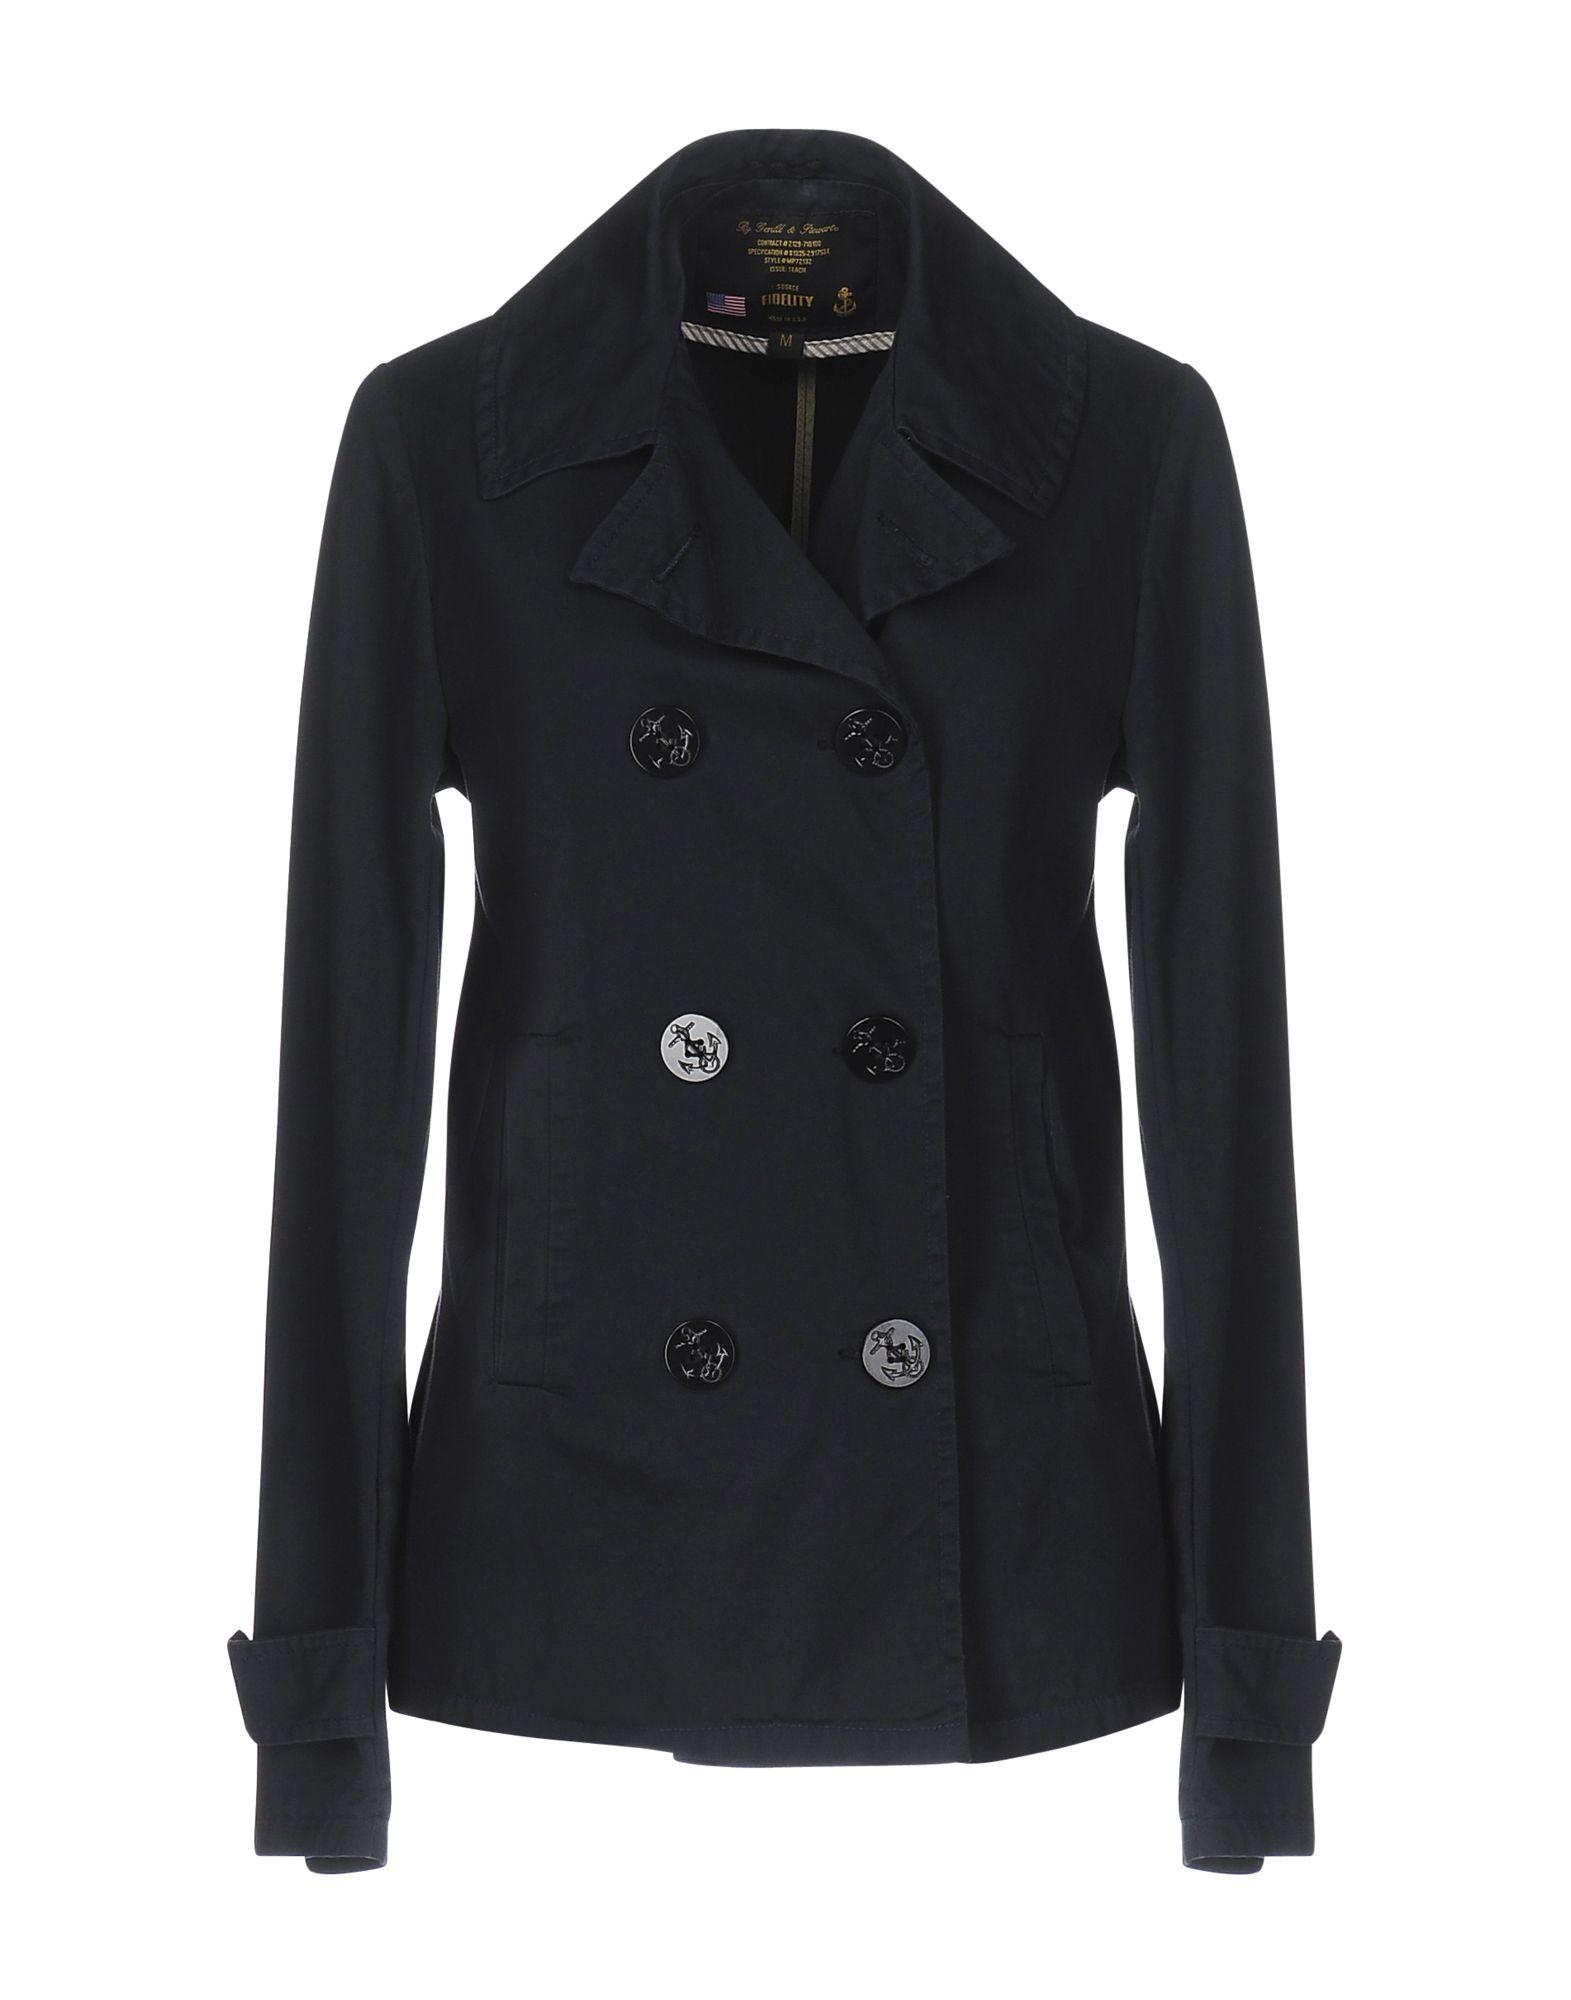 FIDELITY by GERALD & STEWART Damen Jacke Farbe Dunkelblau Größe 6 jetztbilligerkaufen